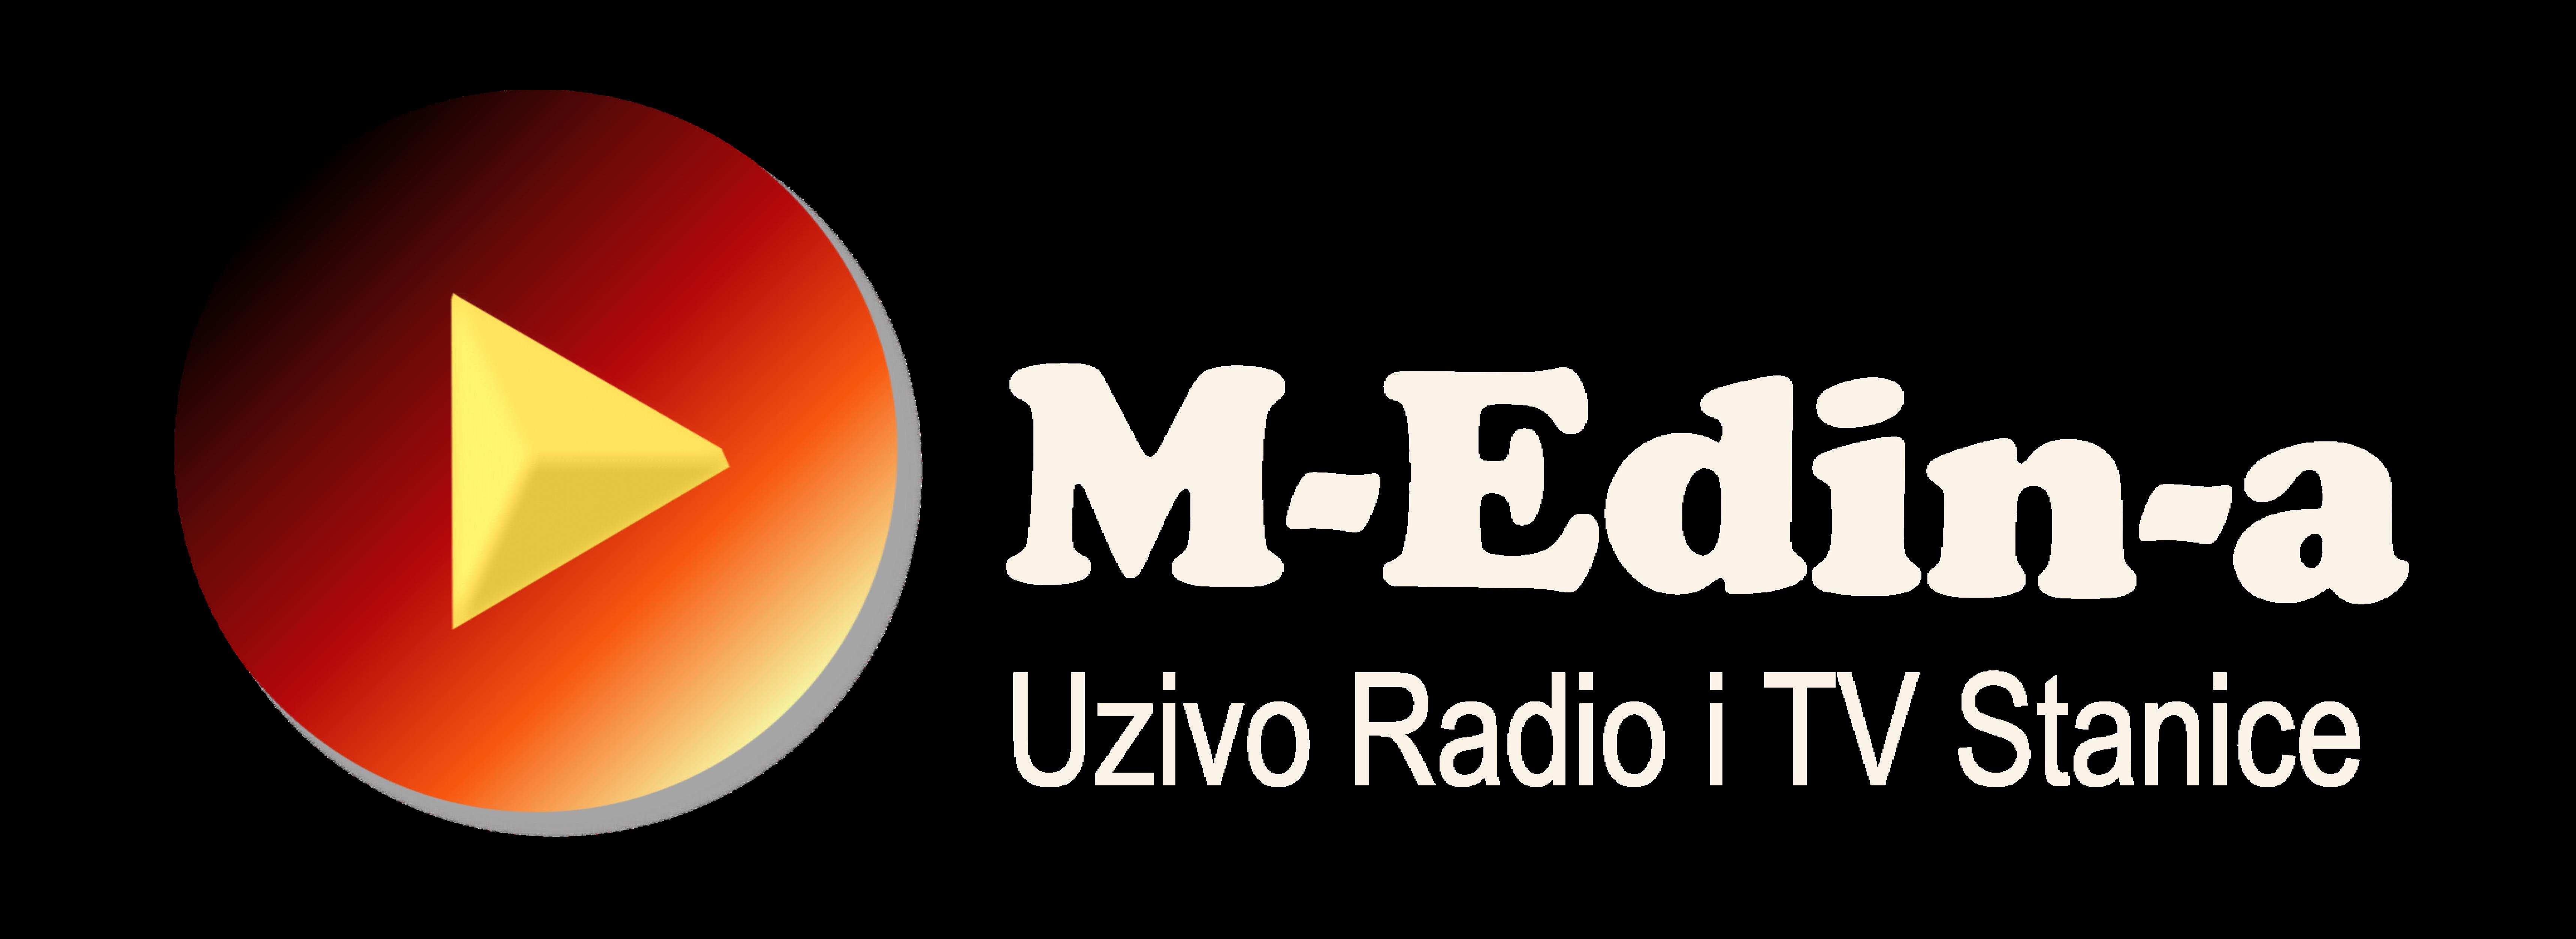 M-Edin-a | Medina & Edin